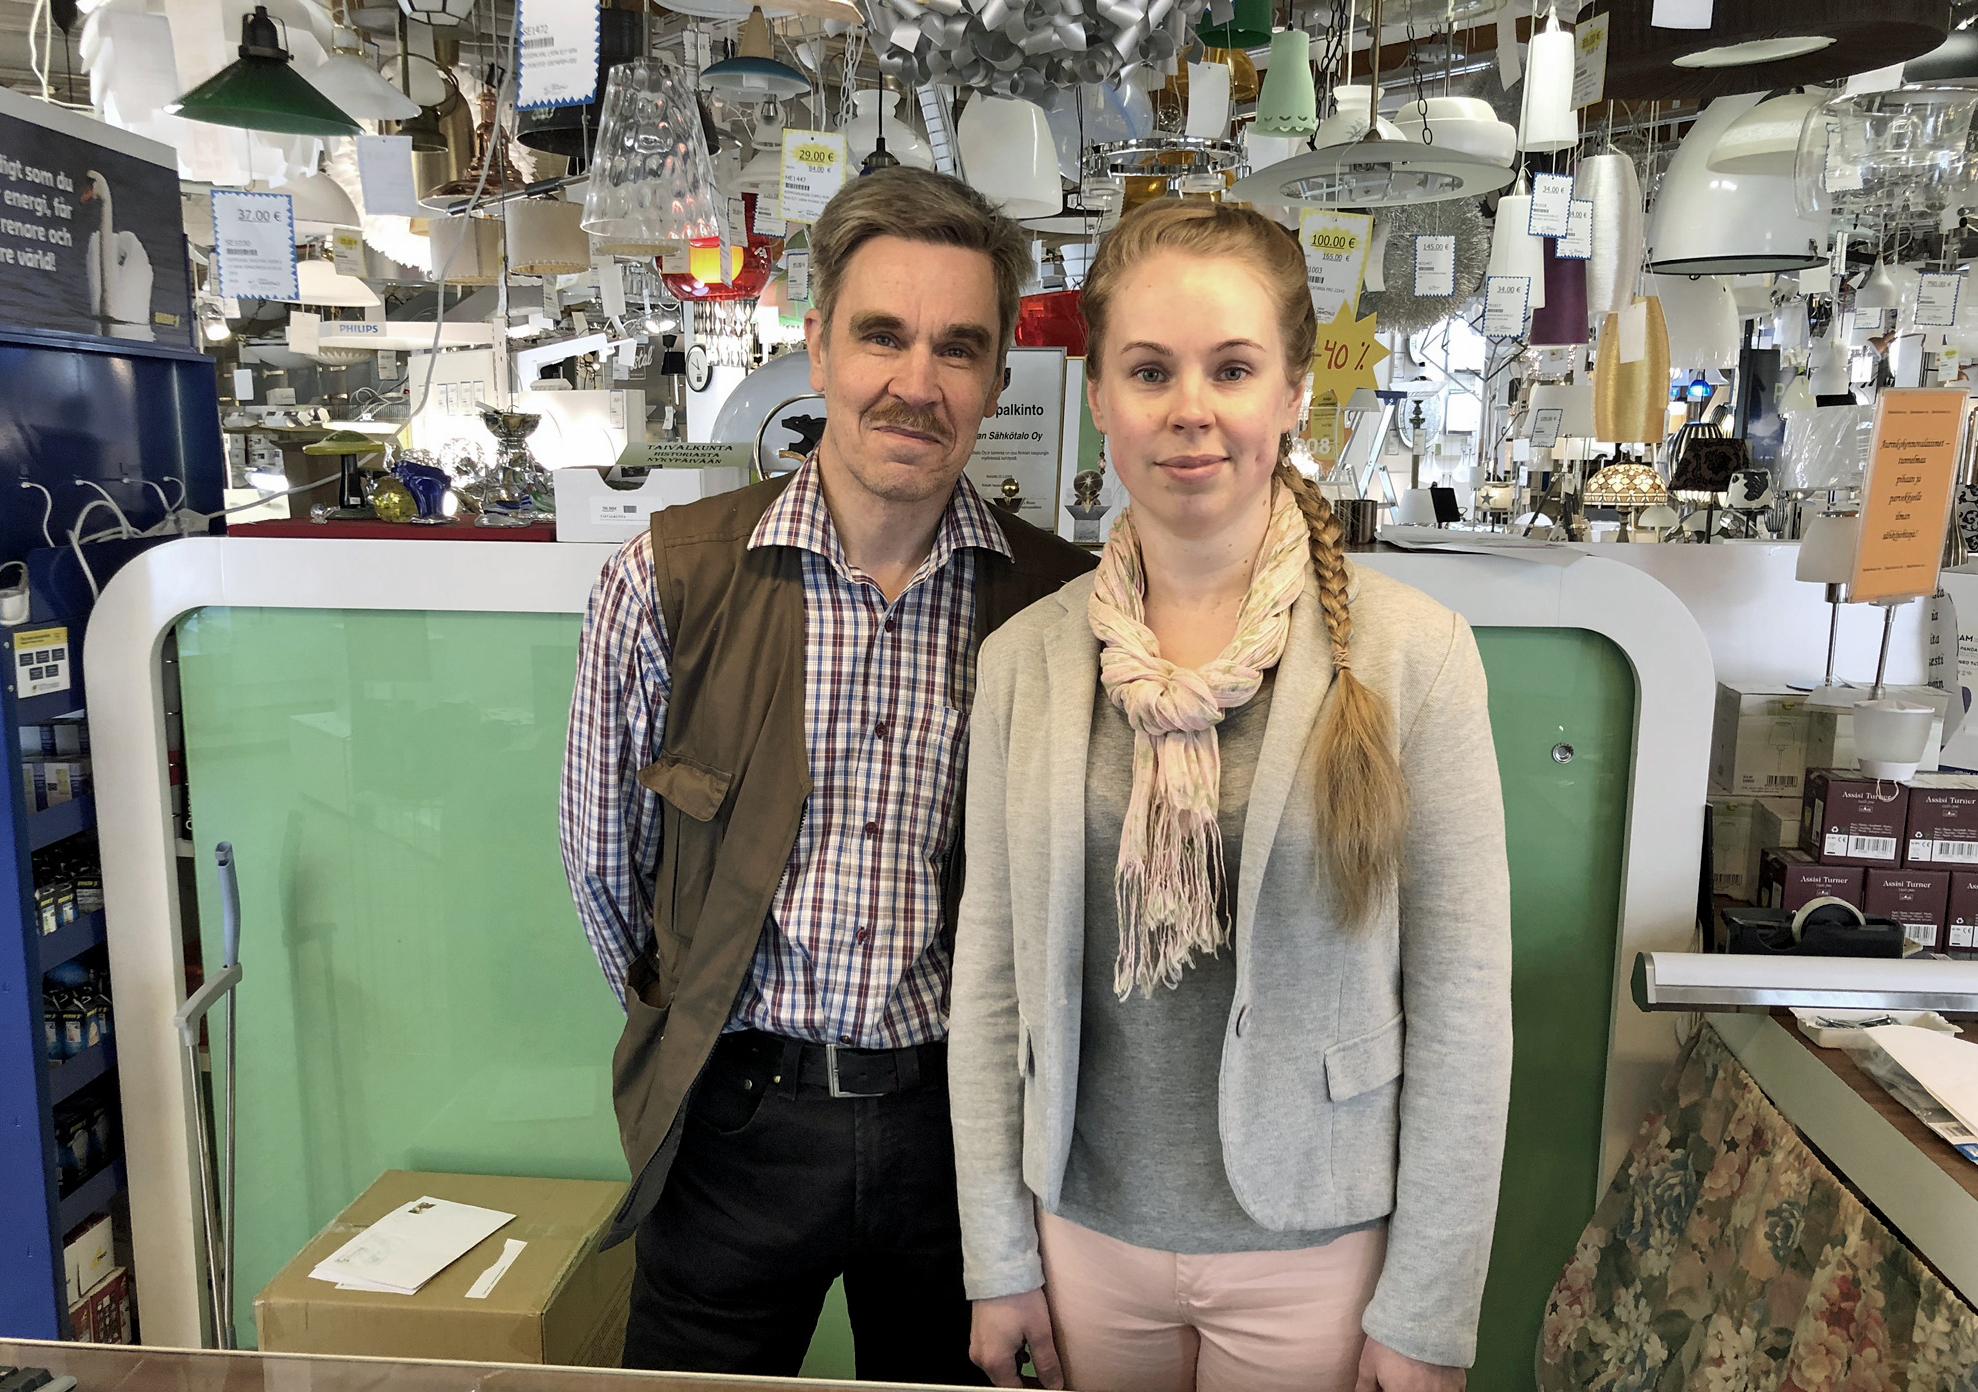 Nokian Sähkötalon yrittäjä Olli Sorva ja tytär Suvi Sorva, joka myös työskentelee yrityksessä, seisovat kassalla takanaan satoja lamppuja, jotka roikkuvat katosta.